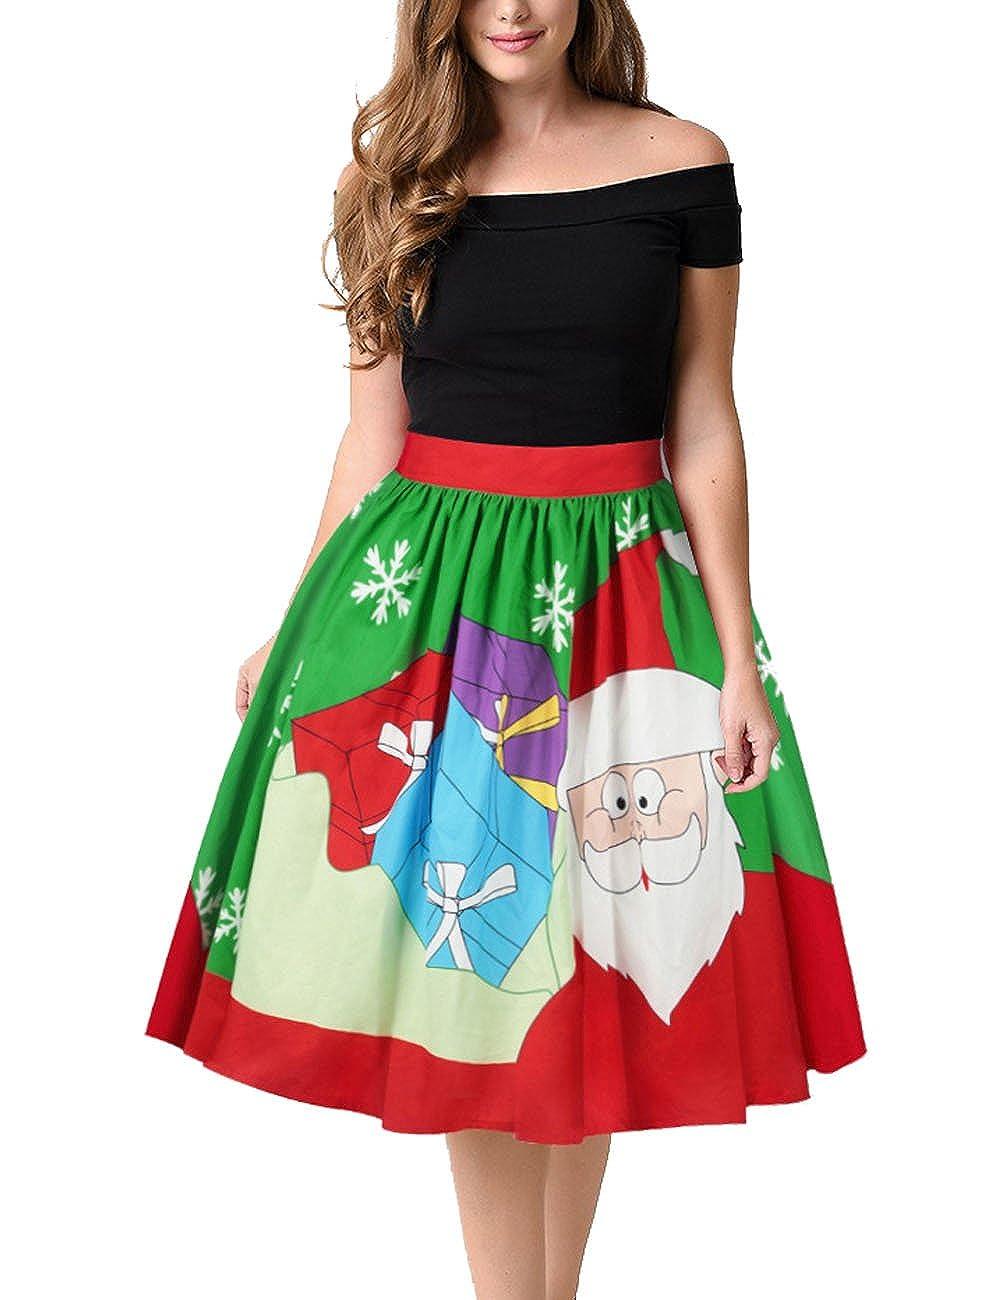 Walant Damen Weihnachtskleid A-linie Röcke Kurz Festliches Kleid ...